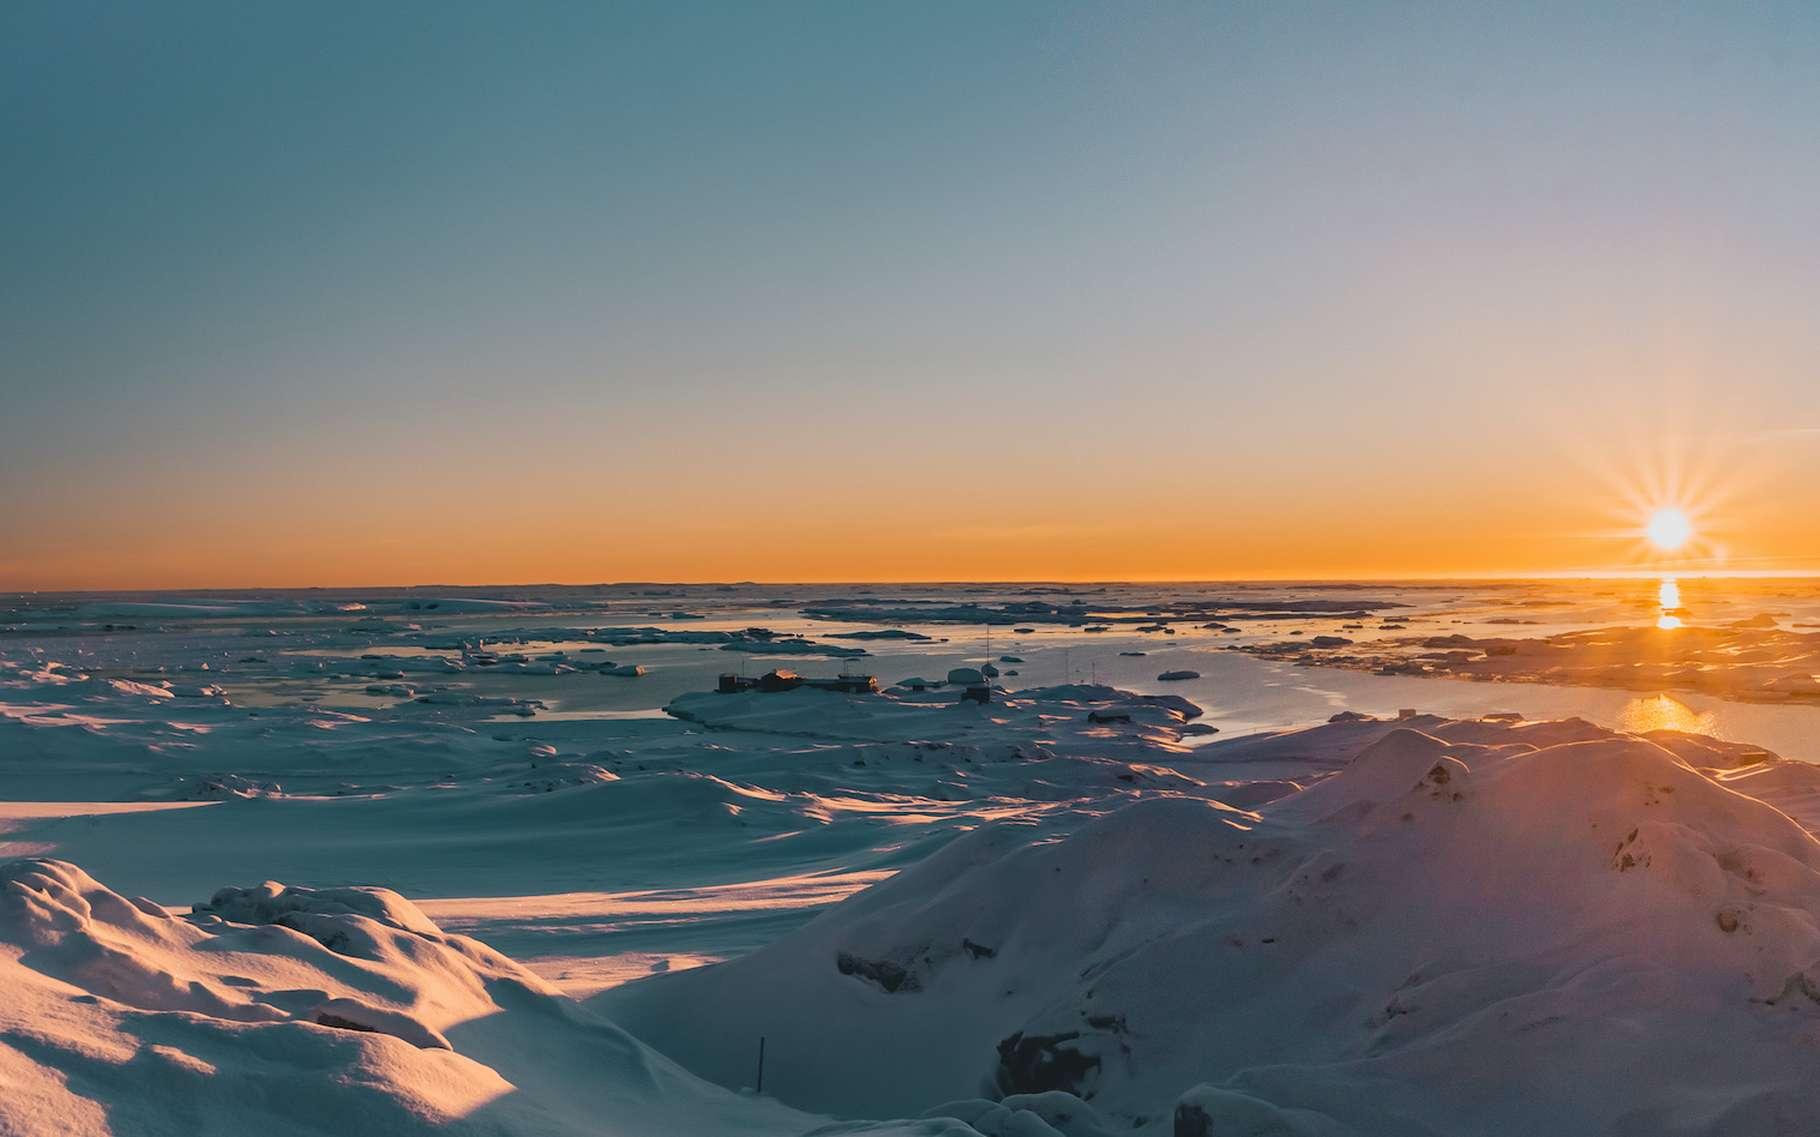 Des chercheurs de l'Académie des sciences chinoise estime l'impact du réchauffement climatique et des activités humaines sur le déplacement des pôles nord et sud — ici un paysage antarctique. © Goinyk, Adobe Stock